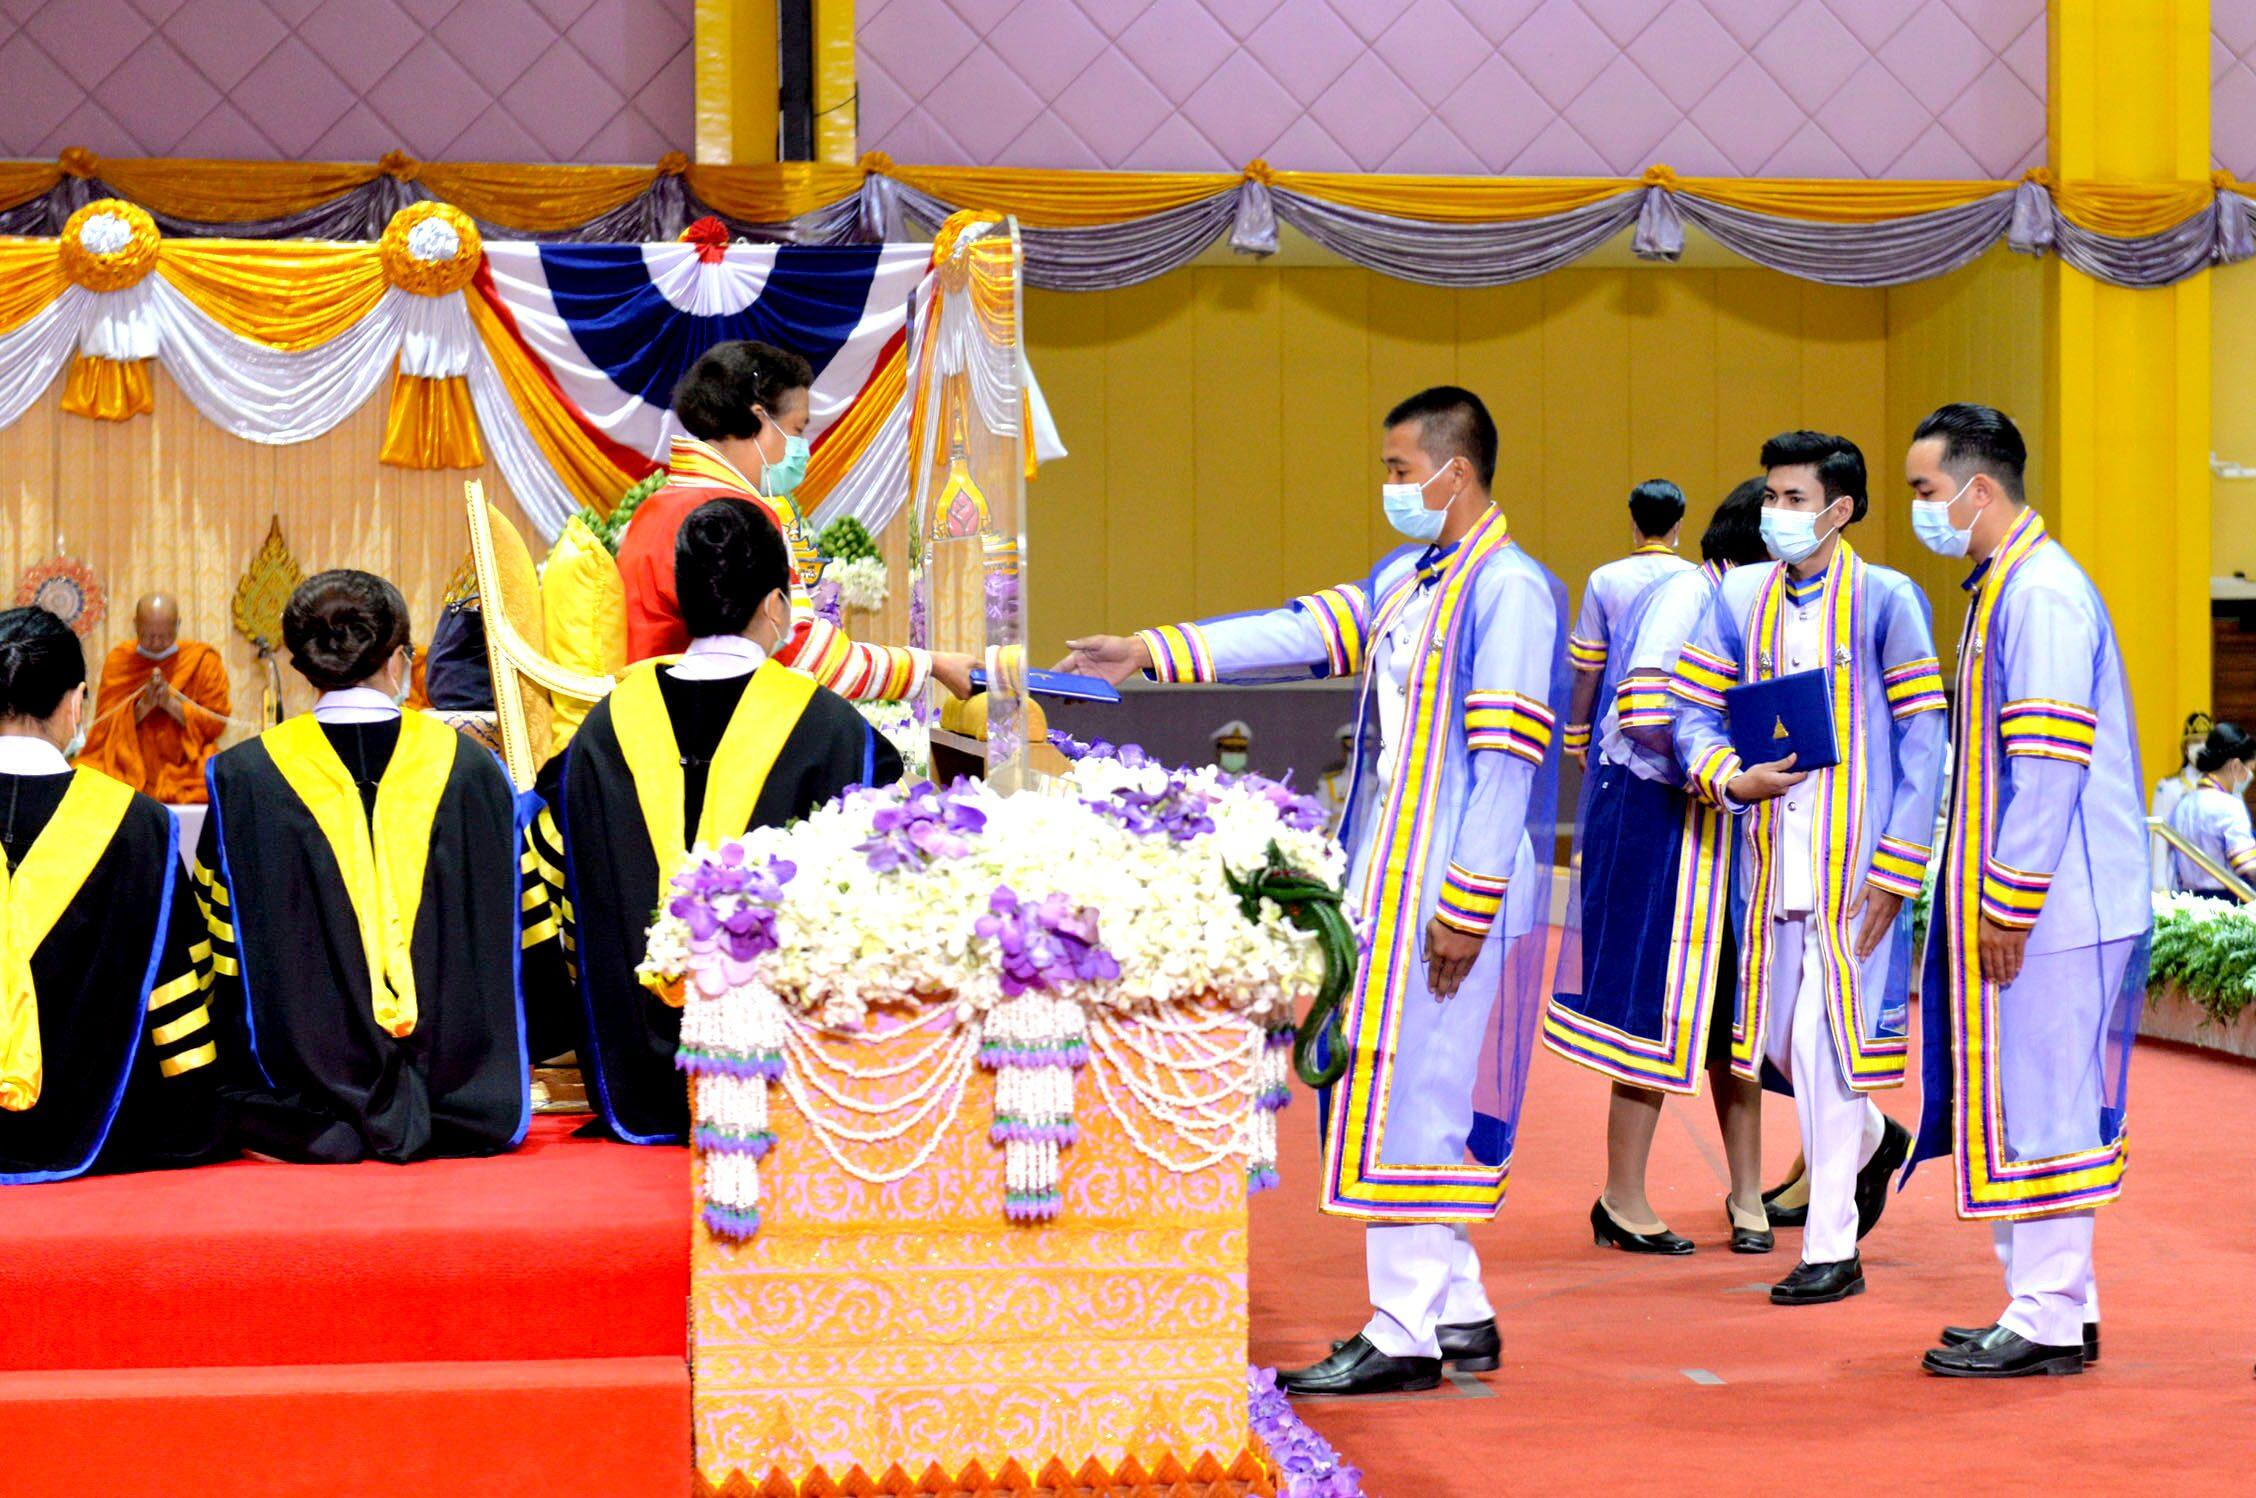 กรมสมเด็จพระเทพฯ พระราชทานปริญญาบัตรบัณฑิต  มหาวิทยาลัยอุบลราชธานี